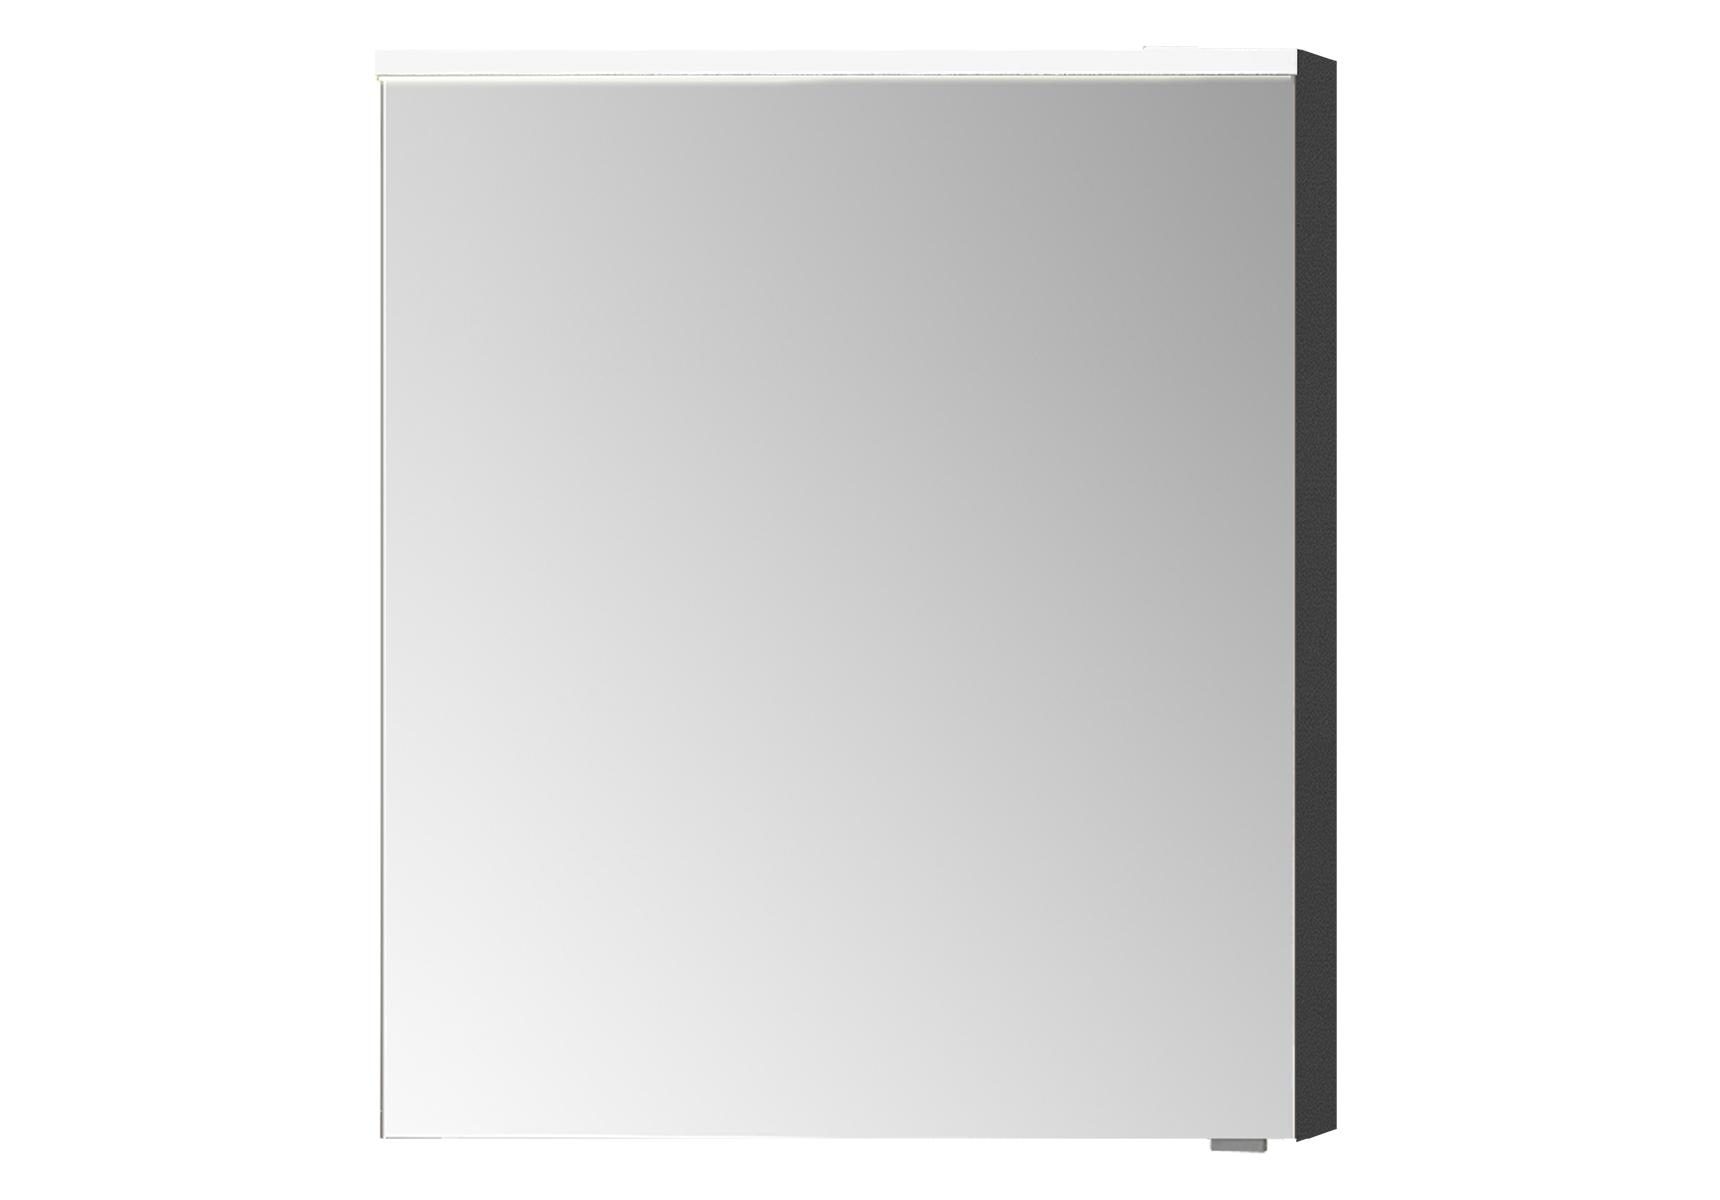 Sento Premium LED-Spiegelschrank, 60 cm, Türanschlag links, Anthrazit Matt